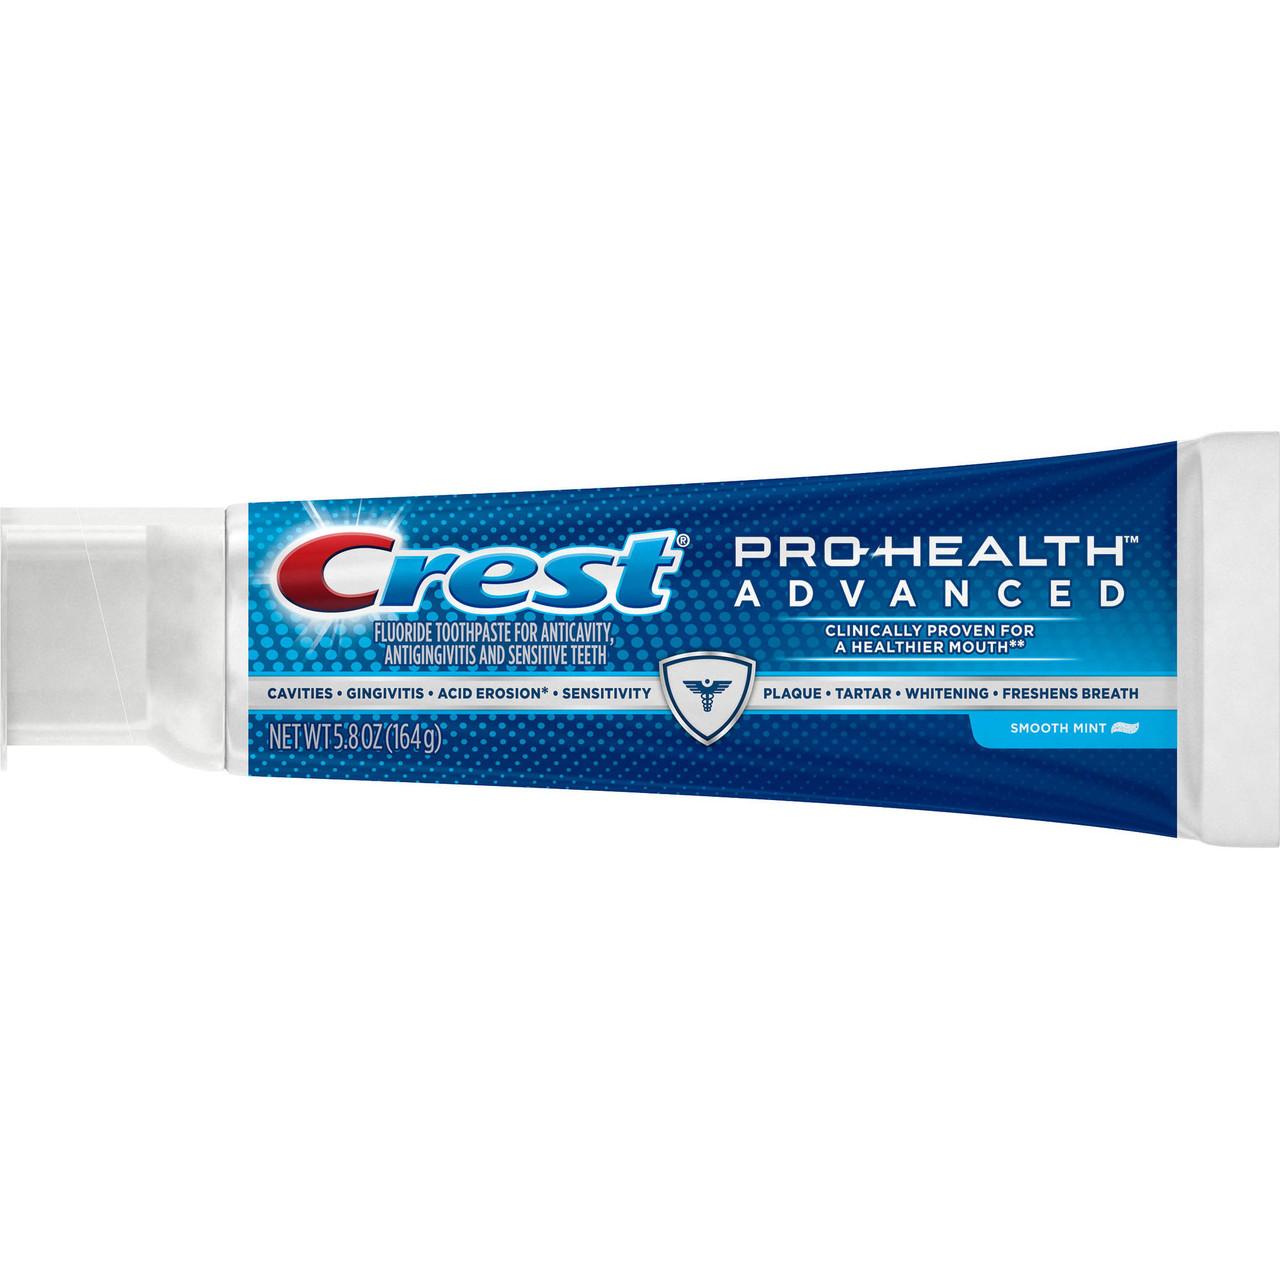 Crest Pro-Health Advanced Smooth Mint - Зубная паста с расширенным комплексом действий, 164 г